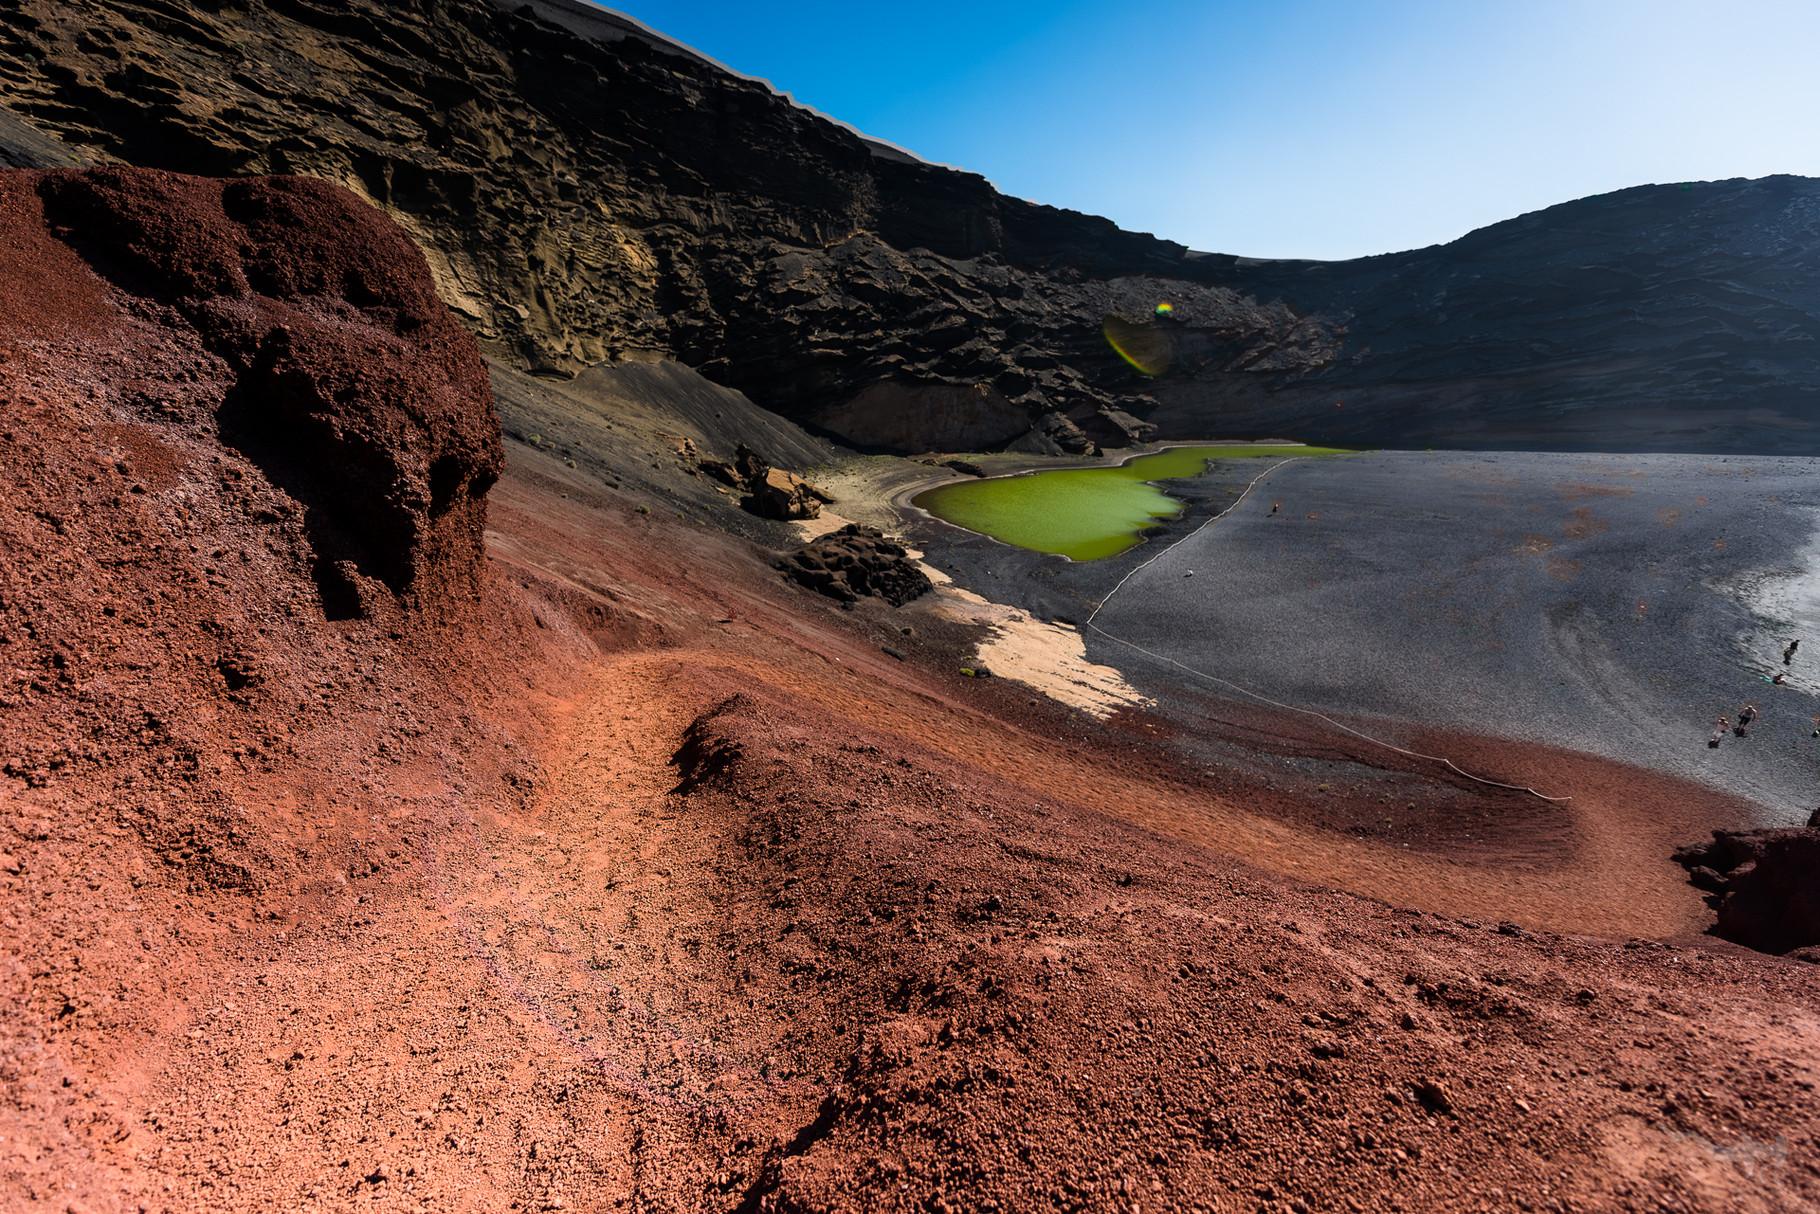 Chargo de los Clicos - Lanzarote/Canary Islands